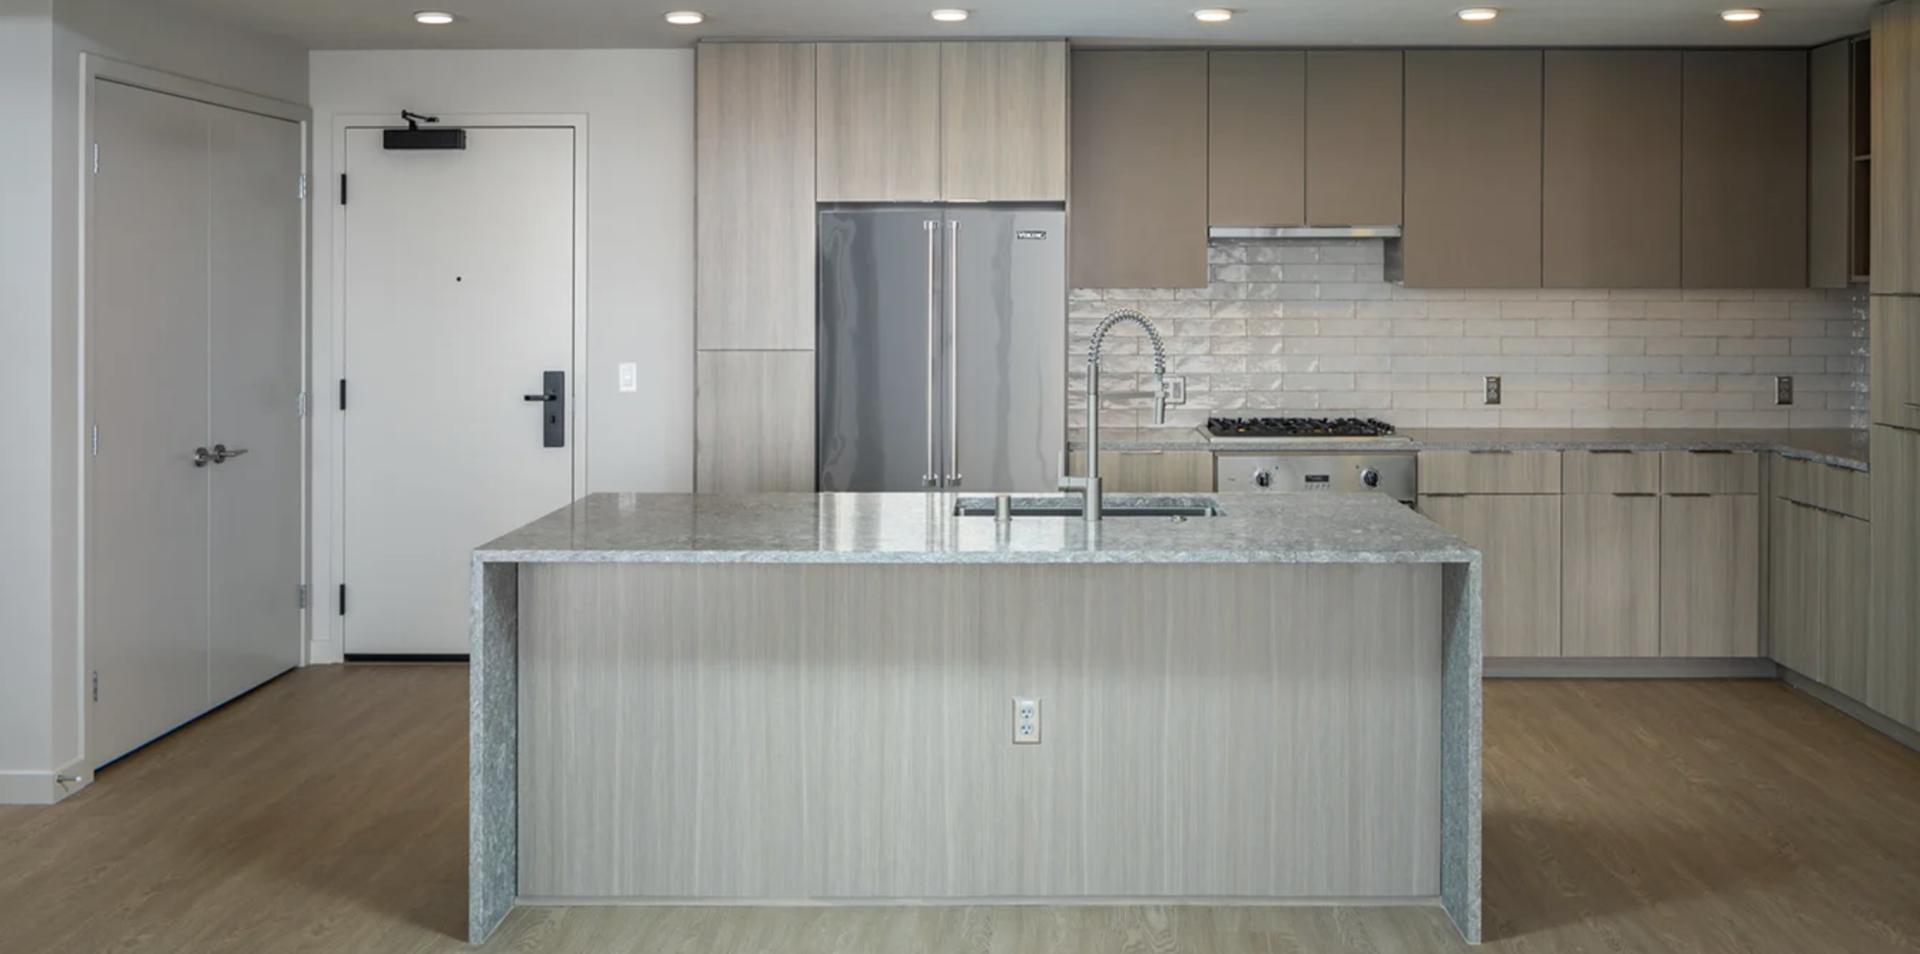 601 11th Avenue #1504, San Diego, CA - $3,820 USD/ month